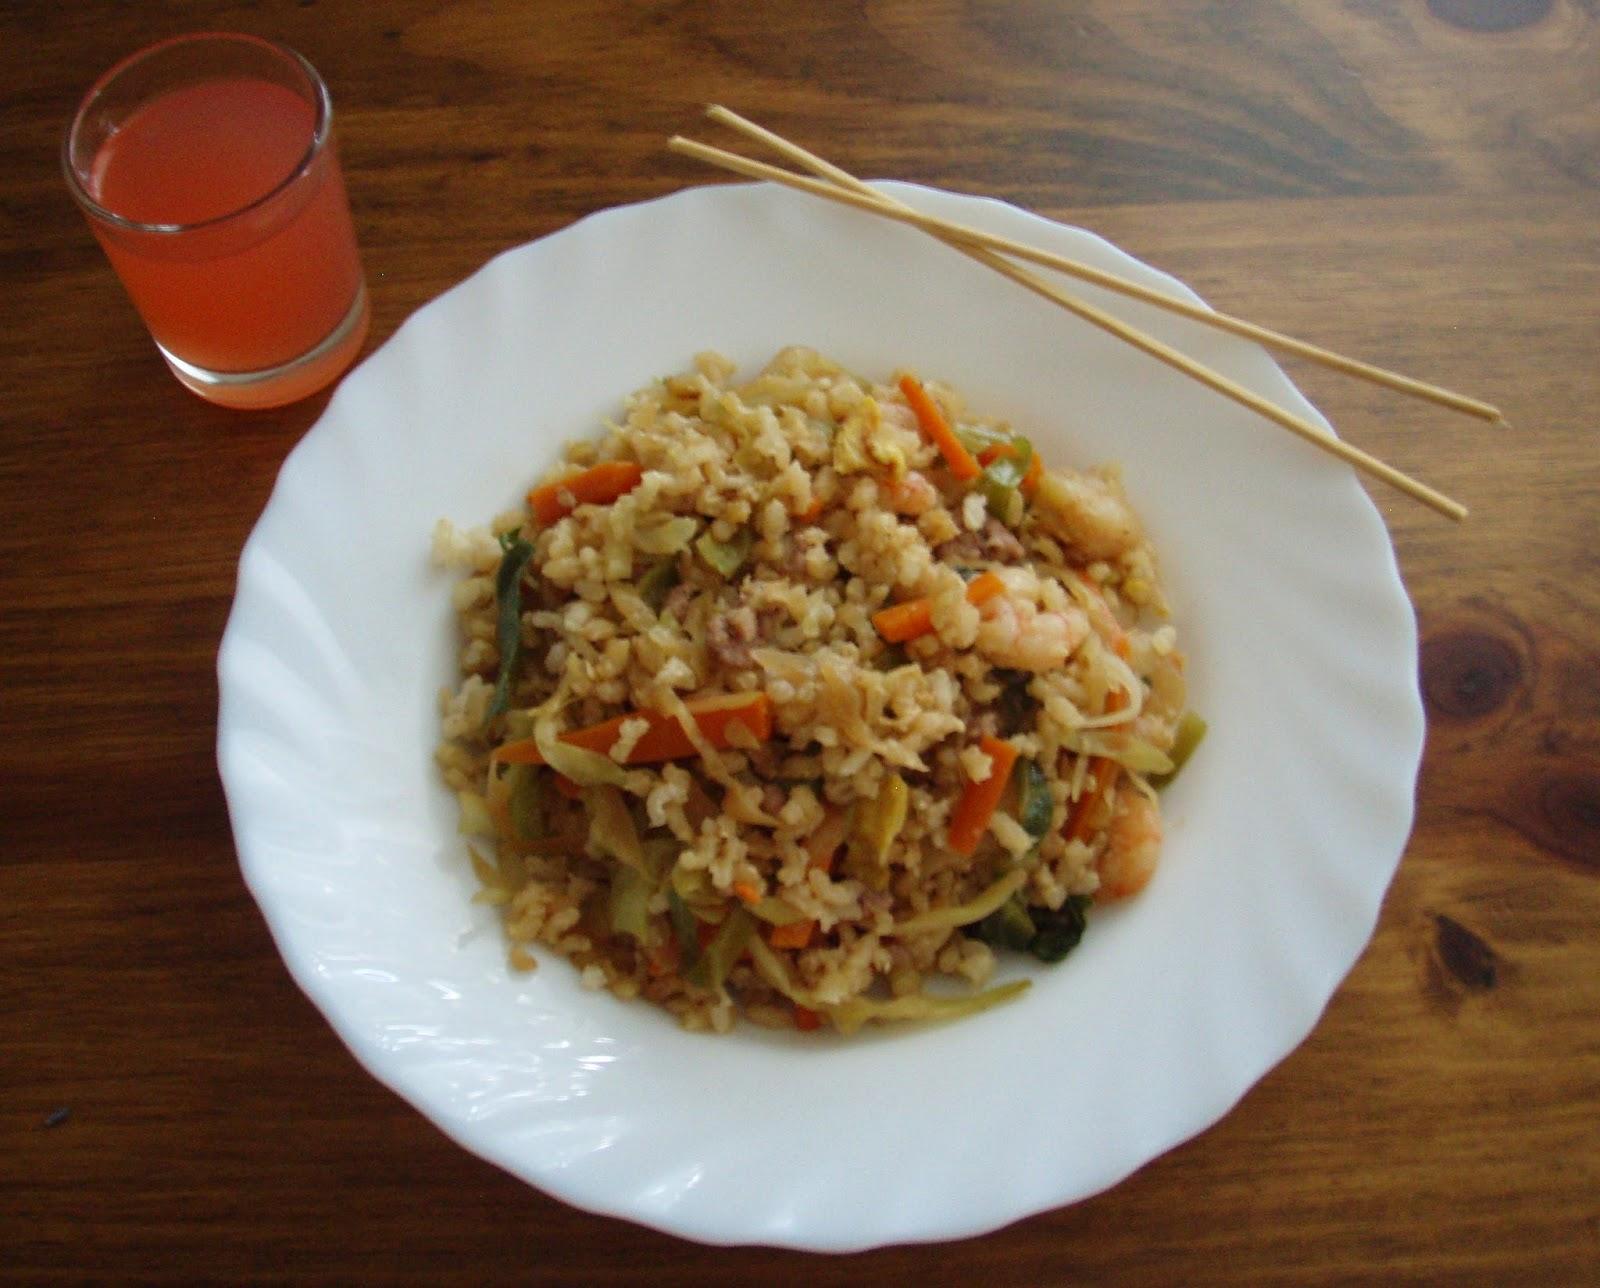 El tiempo entre cucharas arroz 3 delicias for Cocinar arroz 3 delicias